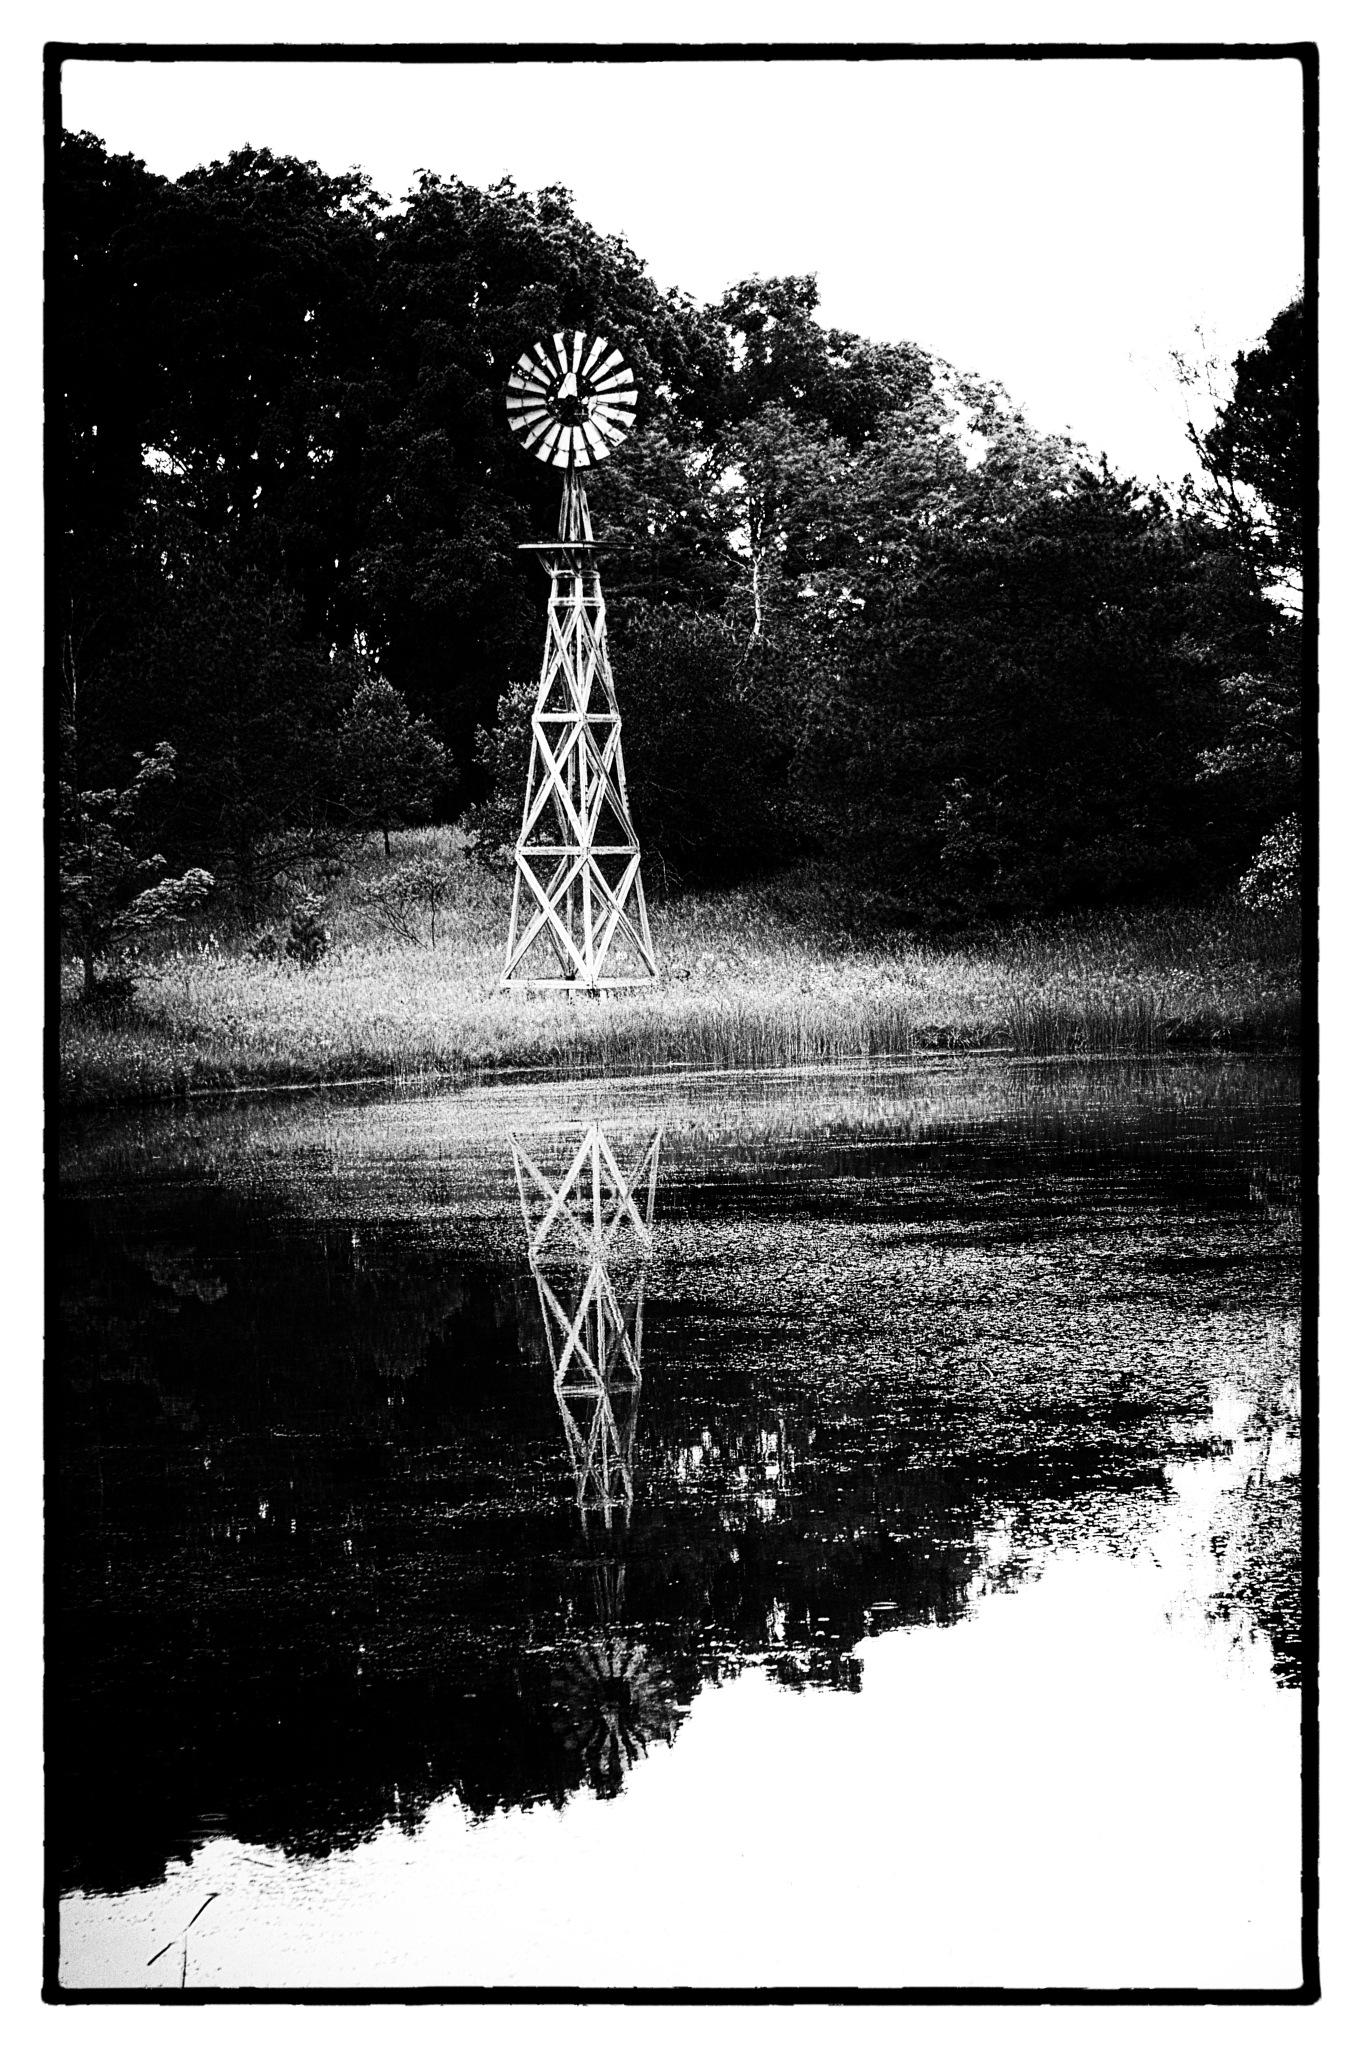 Windmill by chuckhildebrandt7